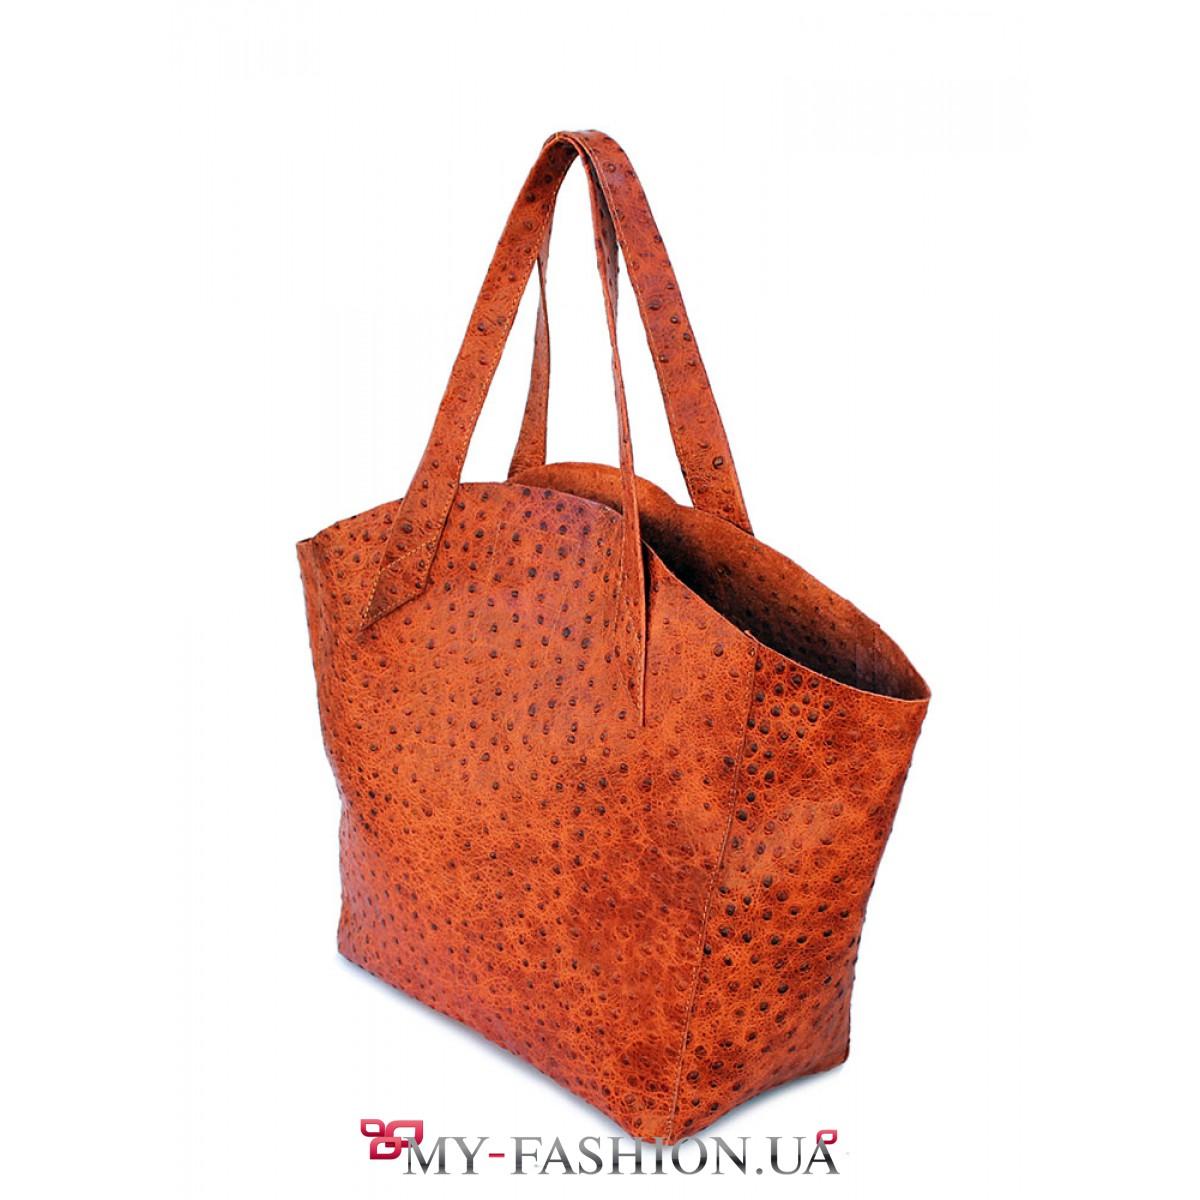 Кожаные сумки - купить сумку из кожи недорого в